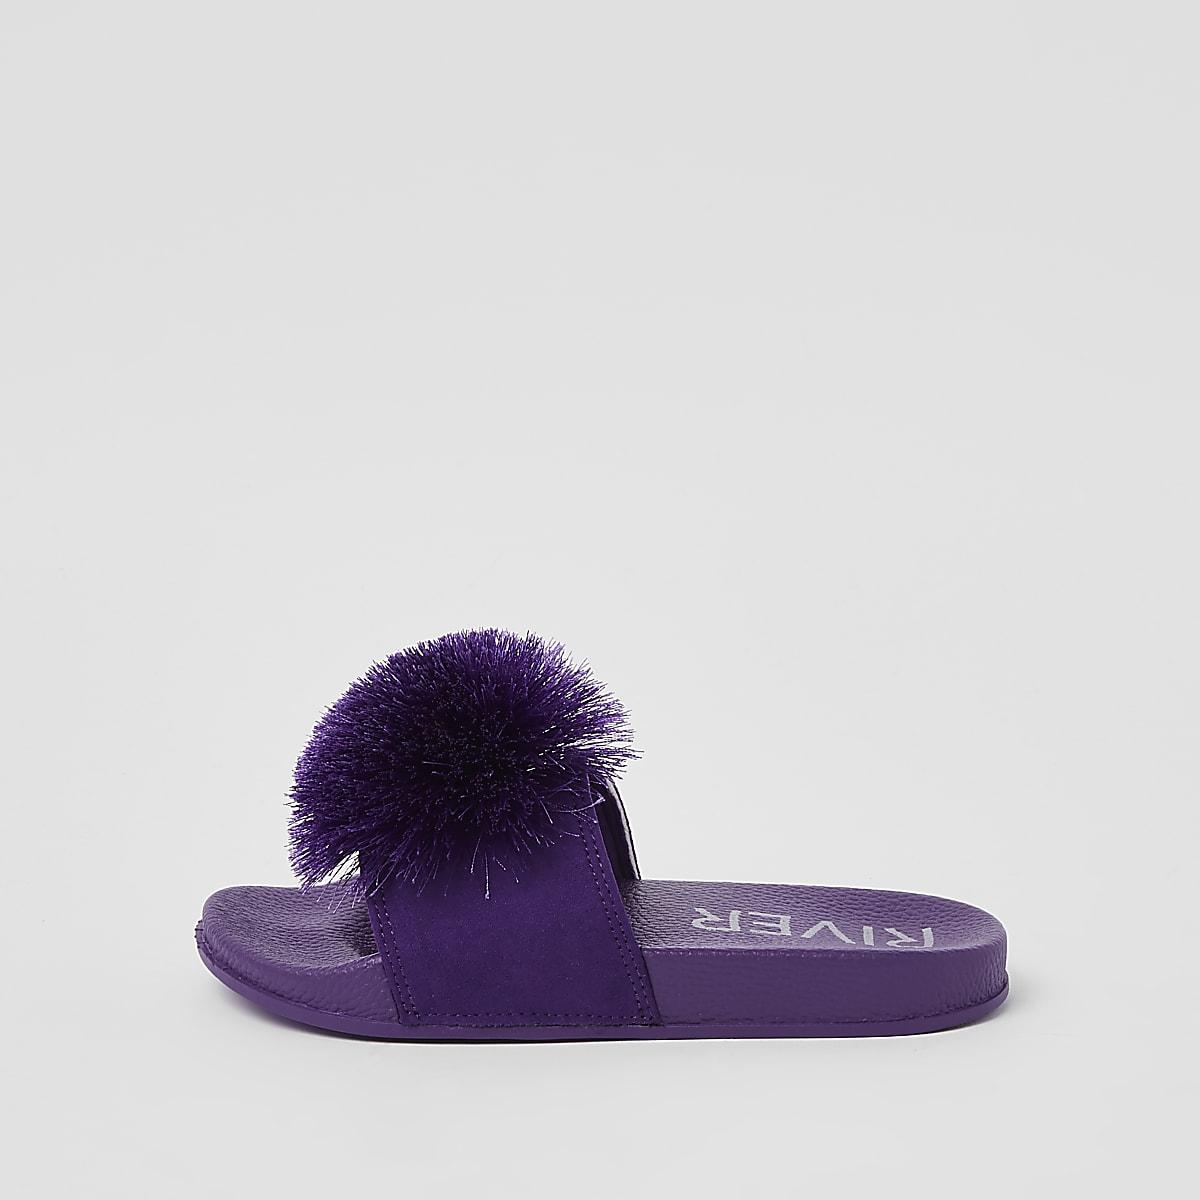 Girls purple pom pom sliders